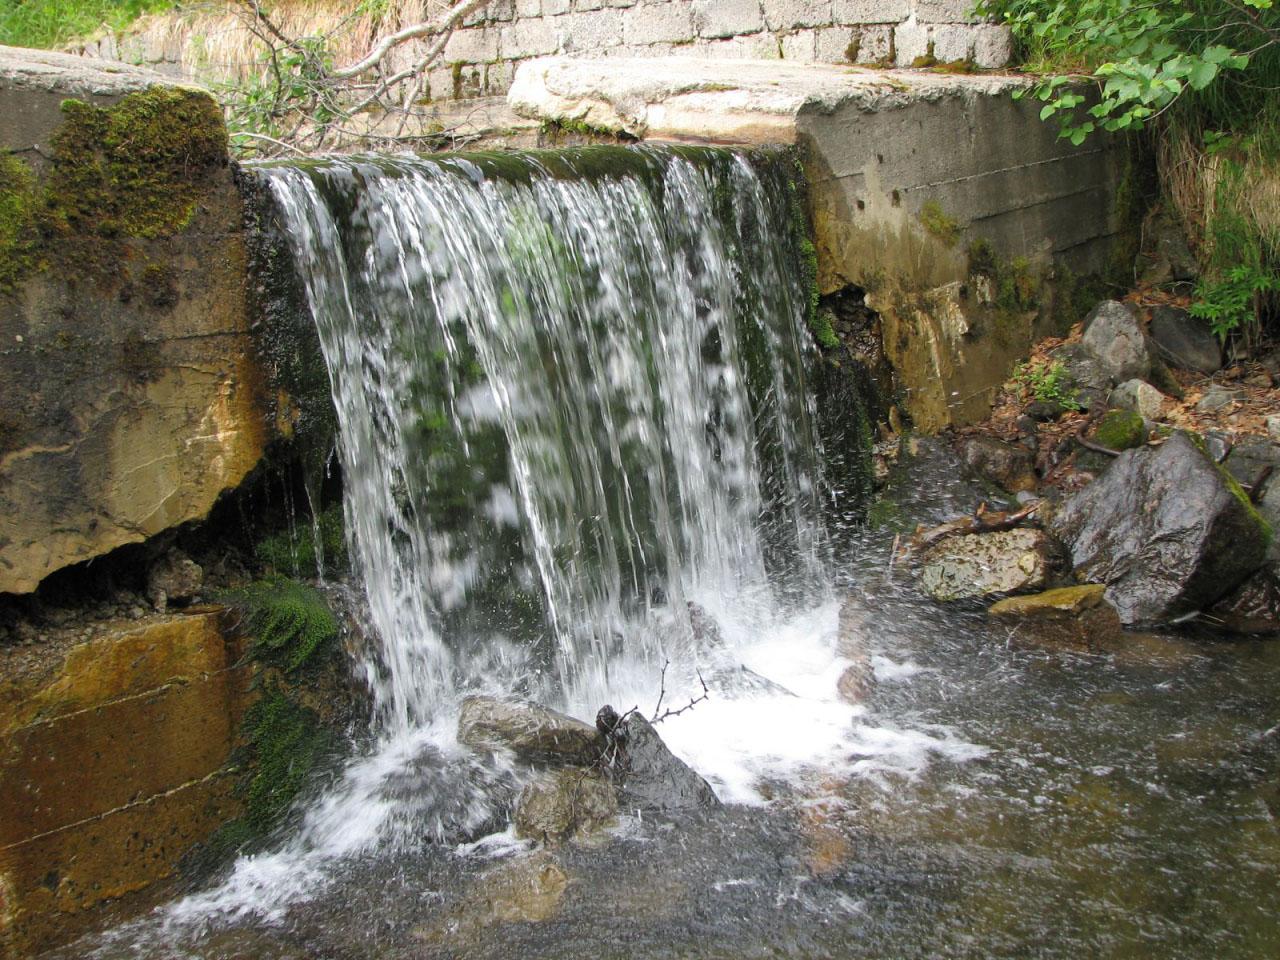 Заборник пресной воды на ручье Холодном.